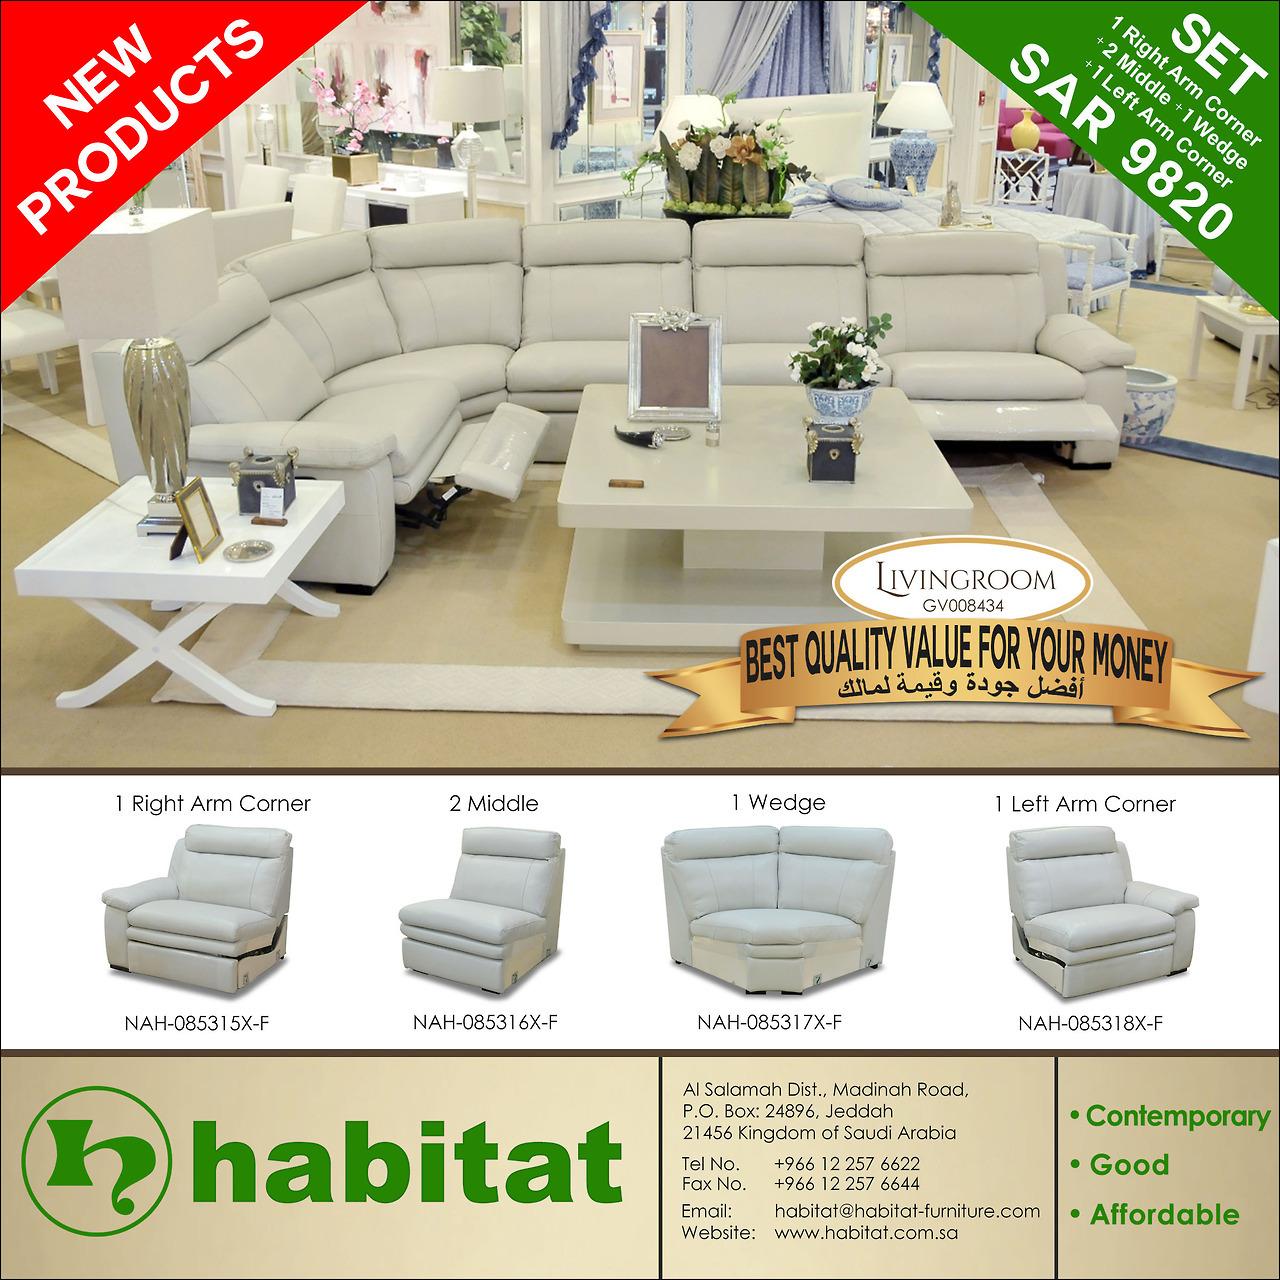 habitat-furniture - MODERN LIVING ROOM Website: www.habitat.com.sa Call or Visit our showroom +966 12 257 6622 - JEDDAH SHOWROOM +966 11 465 9877 -...